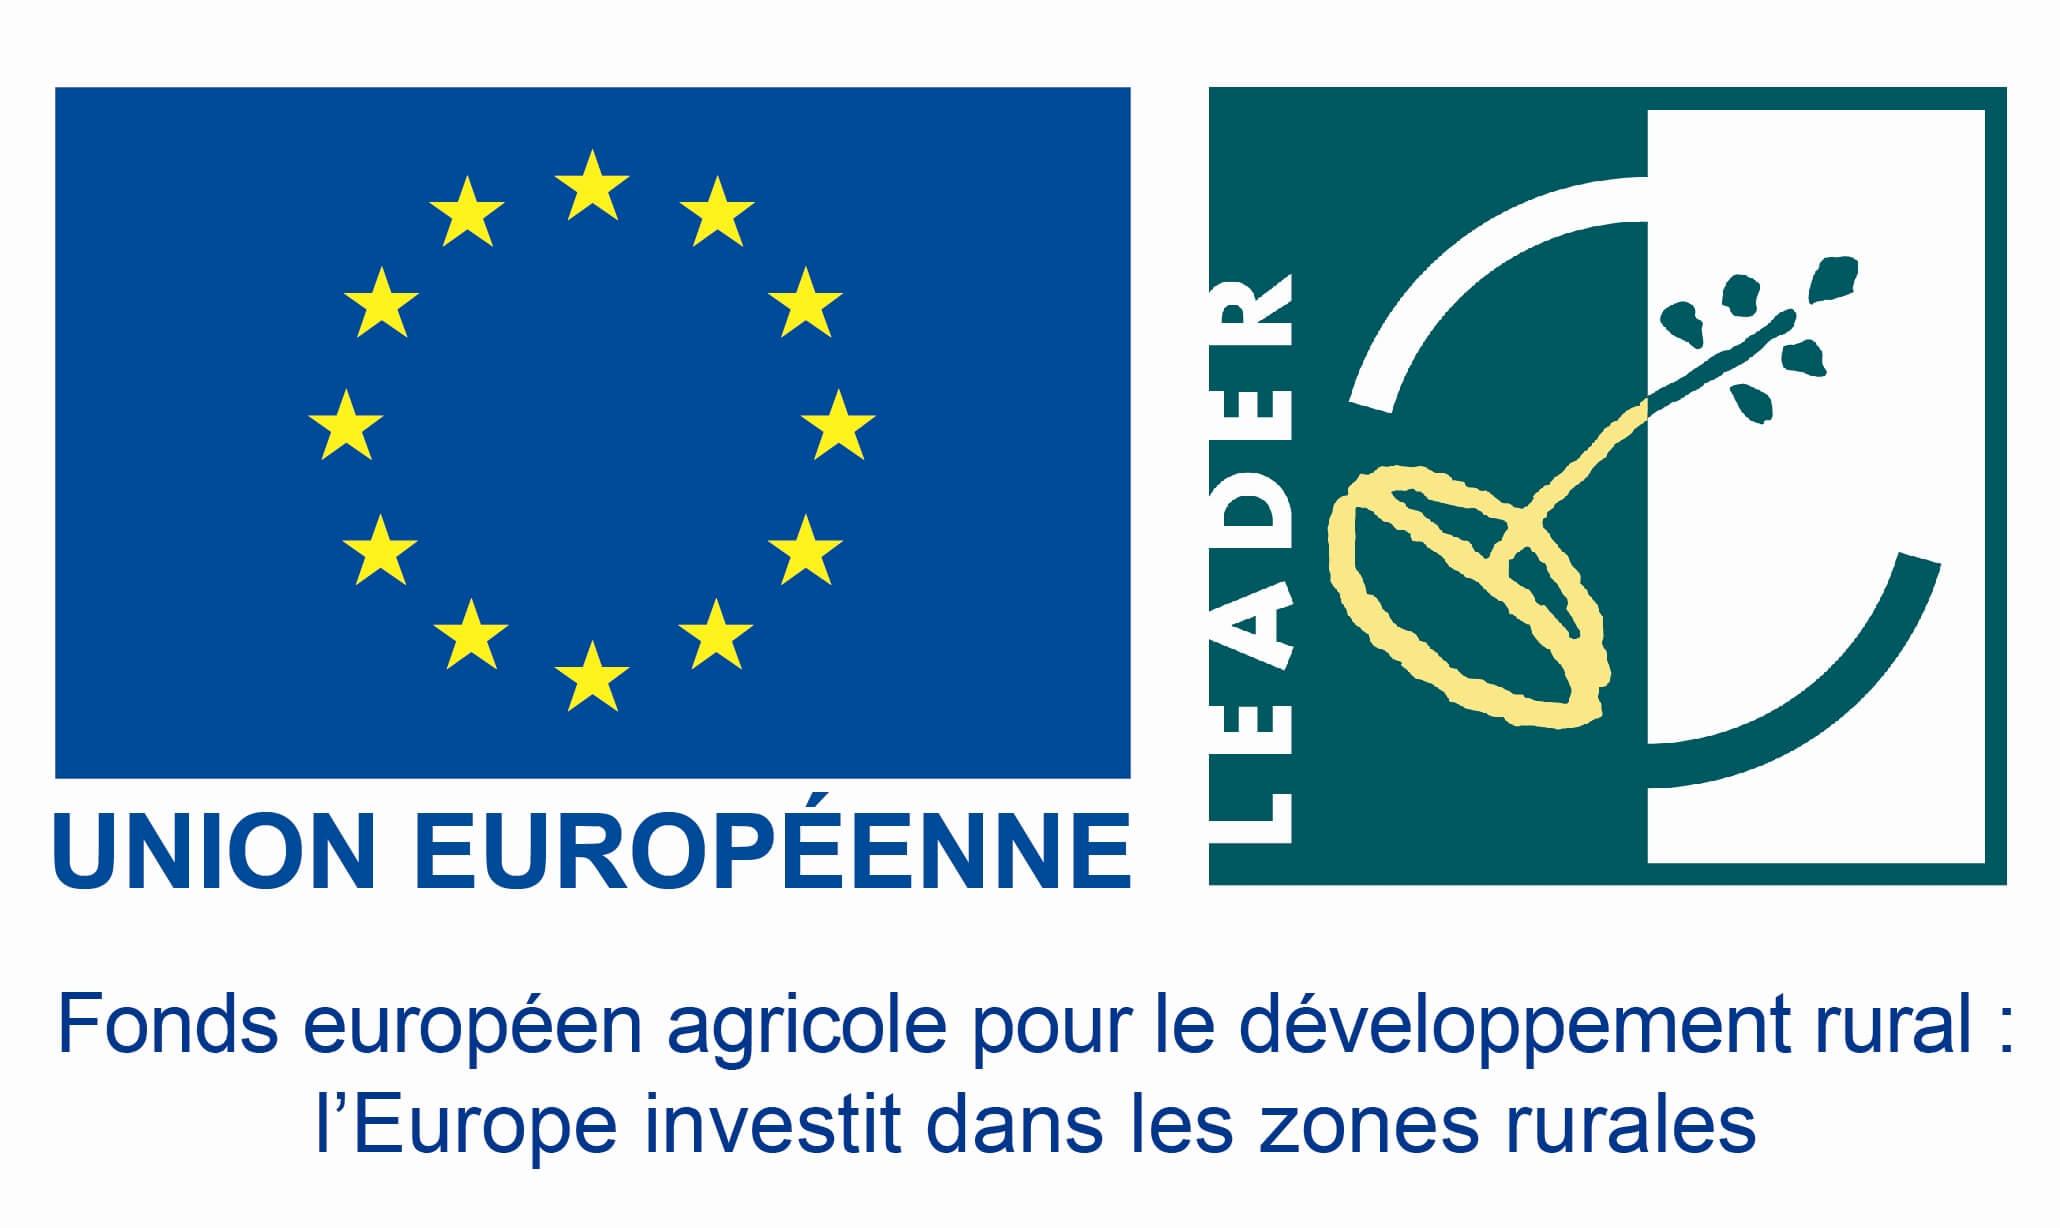 logo du programme LEADER de l'union européenne